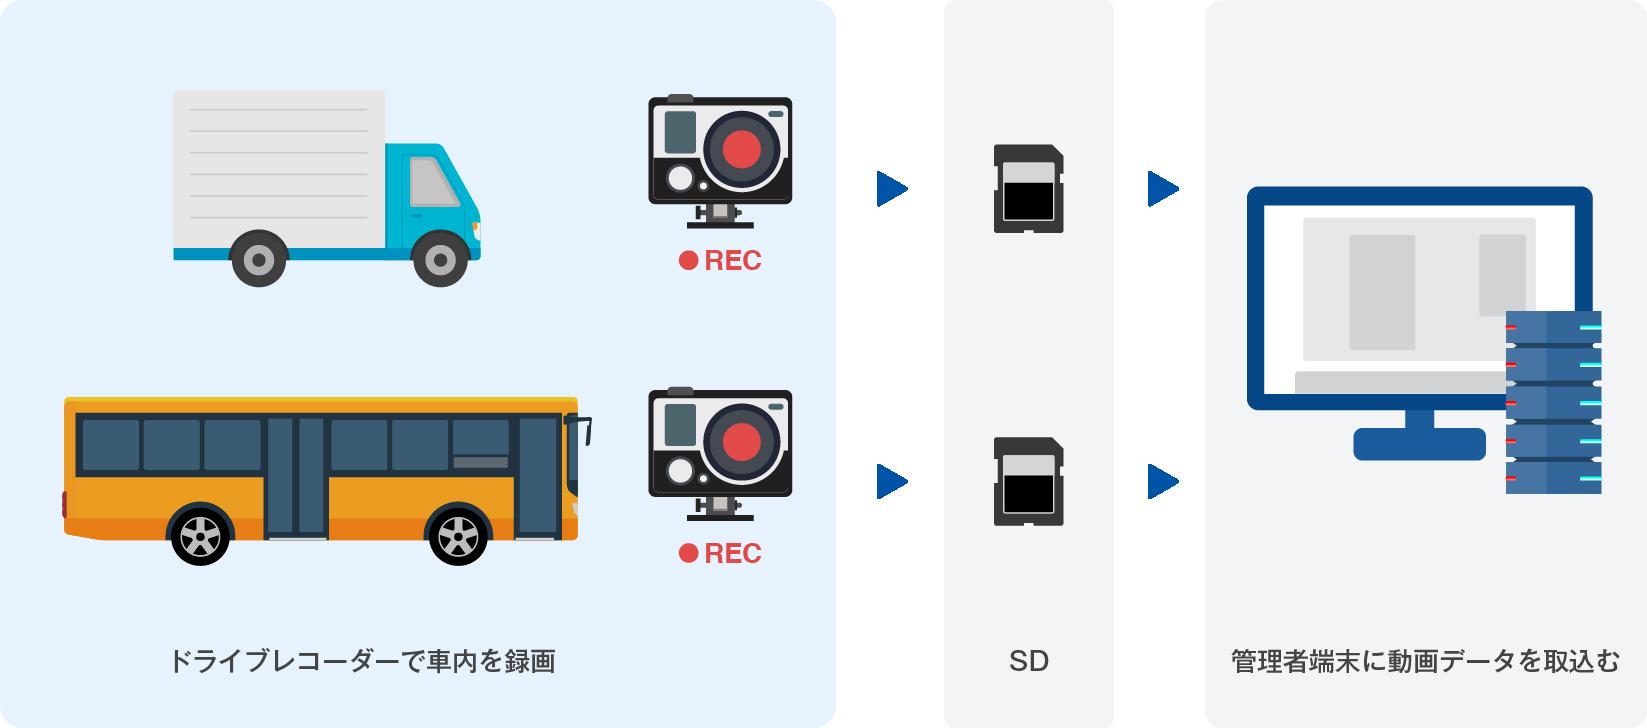 1. 各車両に搭載されているドライブレコーダからSDカードを取り出し、管理者端末に動画データを取込みます。